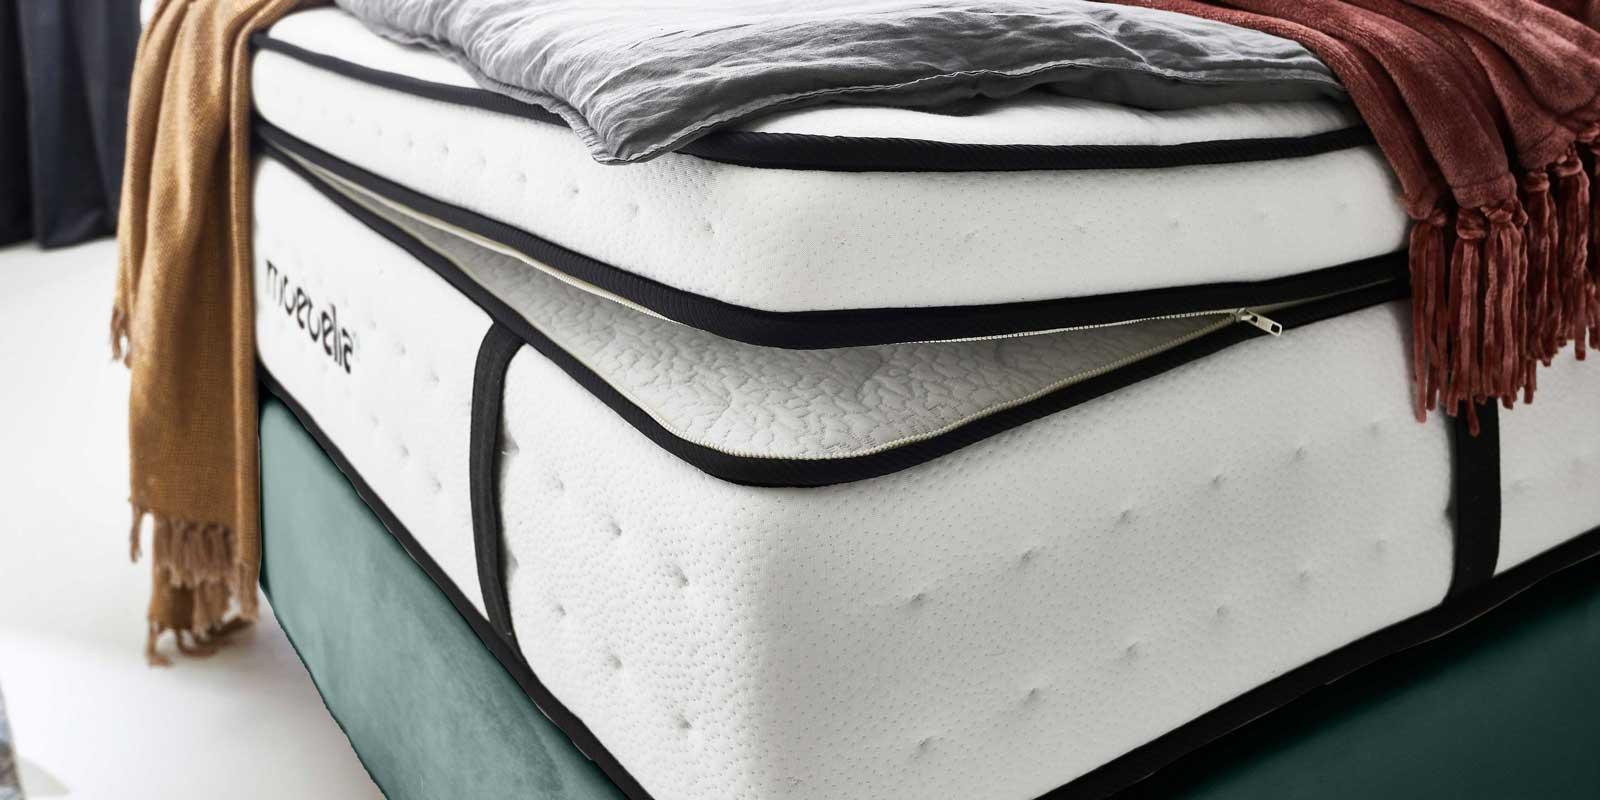 Moebella24 - Matratze - mit - Topper - Premium Matratze -7 - Zonen - Taschenfederkern - Topper abnehmbar - Boxspringbett -Von vorne rechts